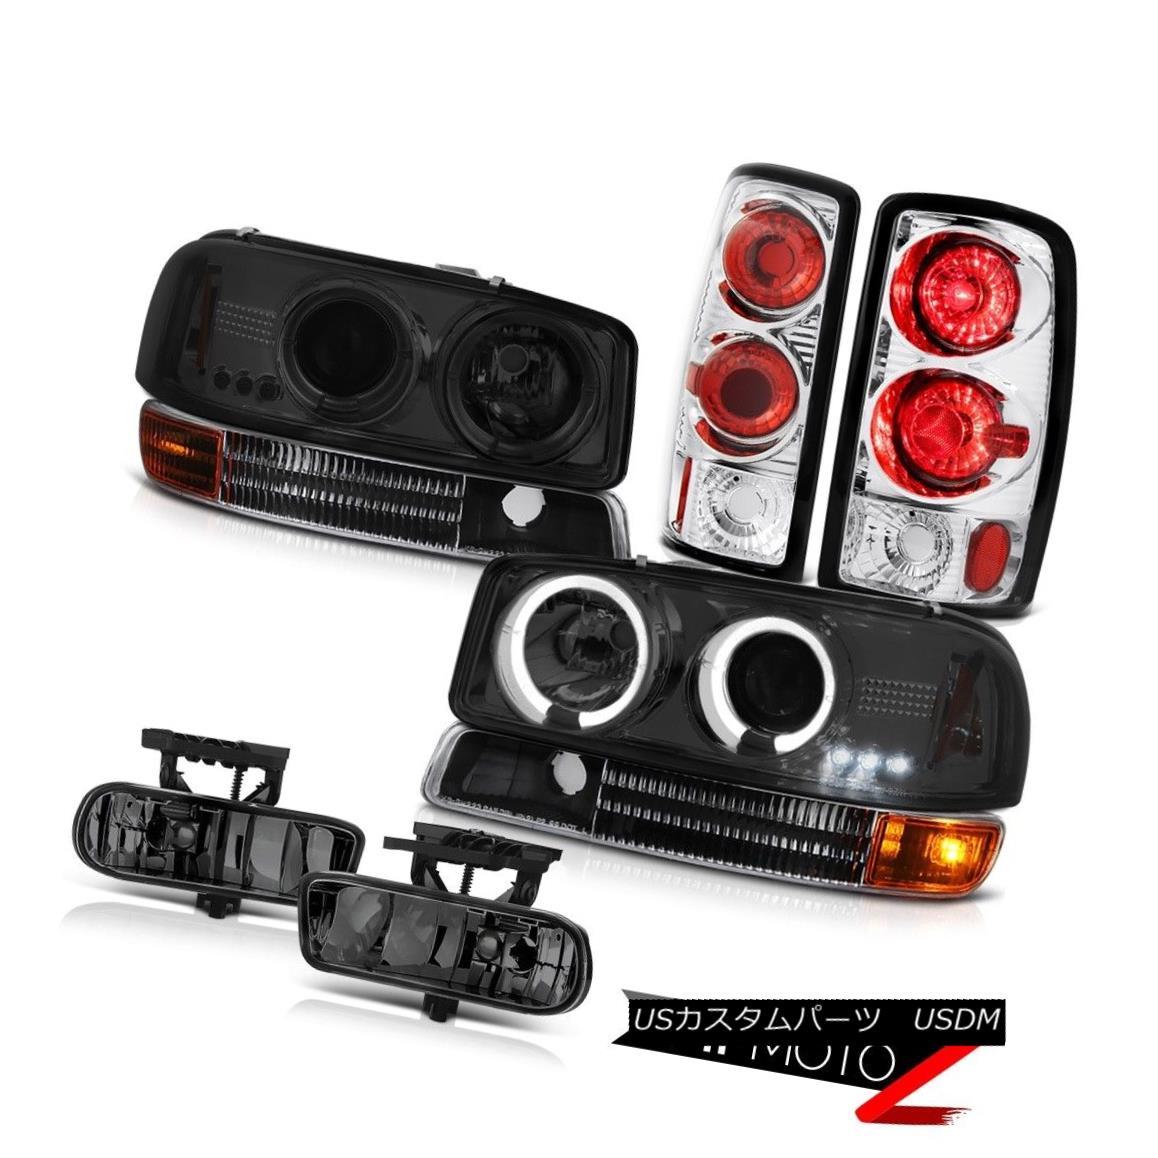 ヘッドライト Tinted Halo LED Headlights Rear Brake Lamp Driving FogLamp 2000-2006 Yukon XL V8 有色ハローLEDヘッドライトリアブレーキランプFogLamp 2000-2006を駆動するYukon XL V8